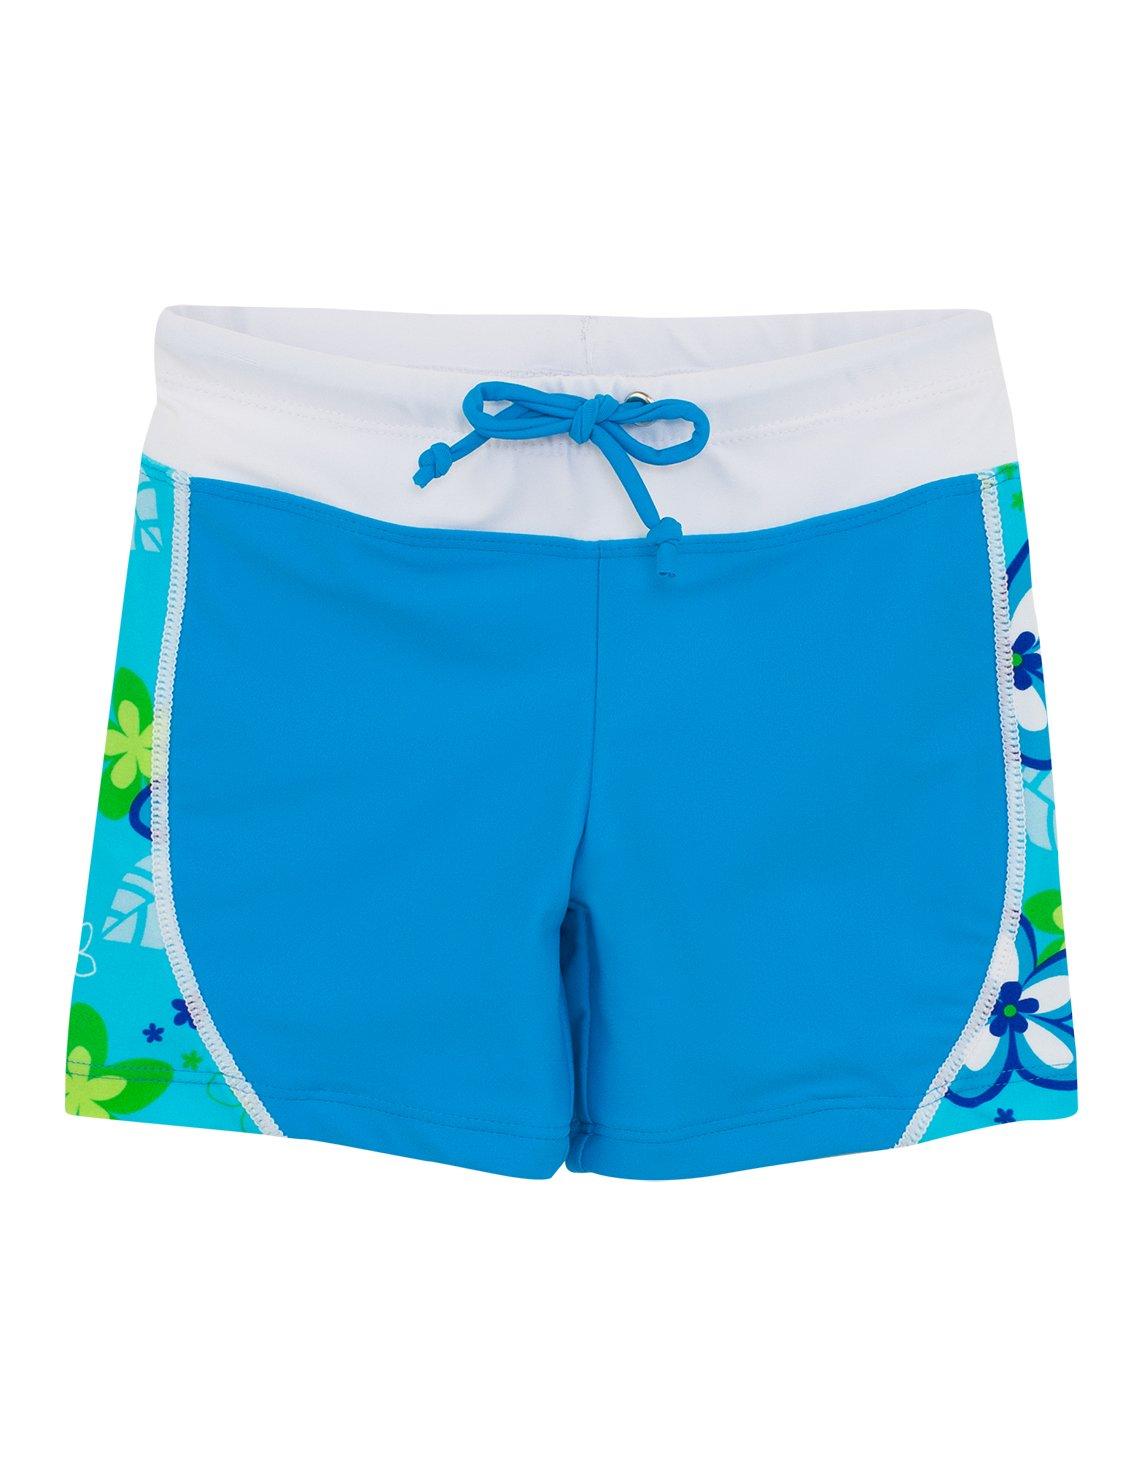 Tuga Girls Swim Short (UPF 50+), Aquamarine, 8/10 Yrs